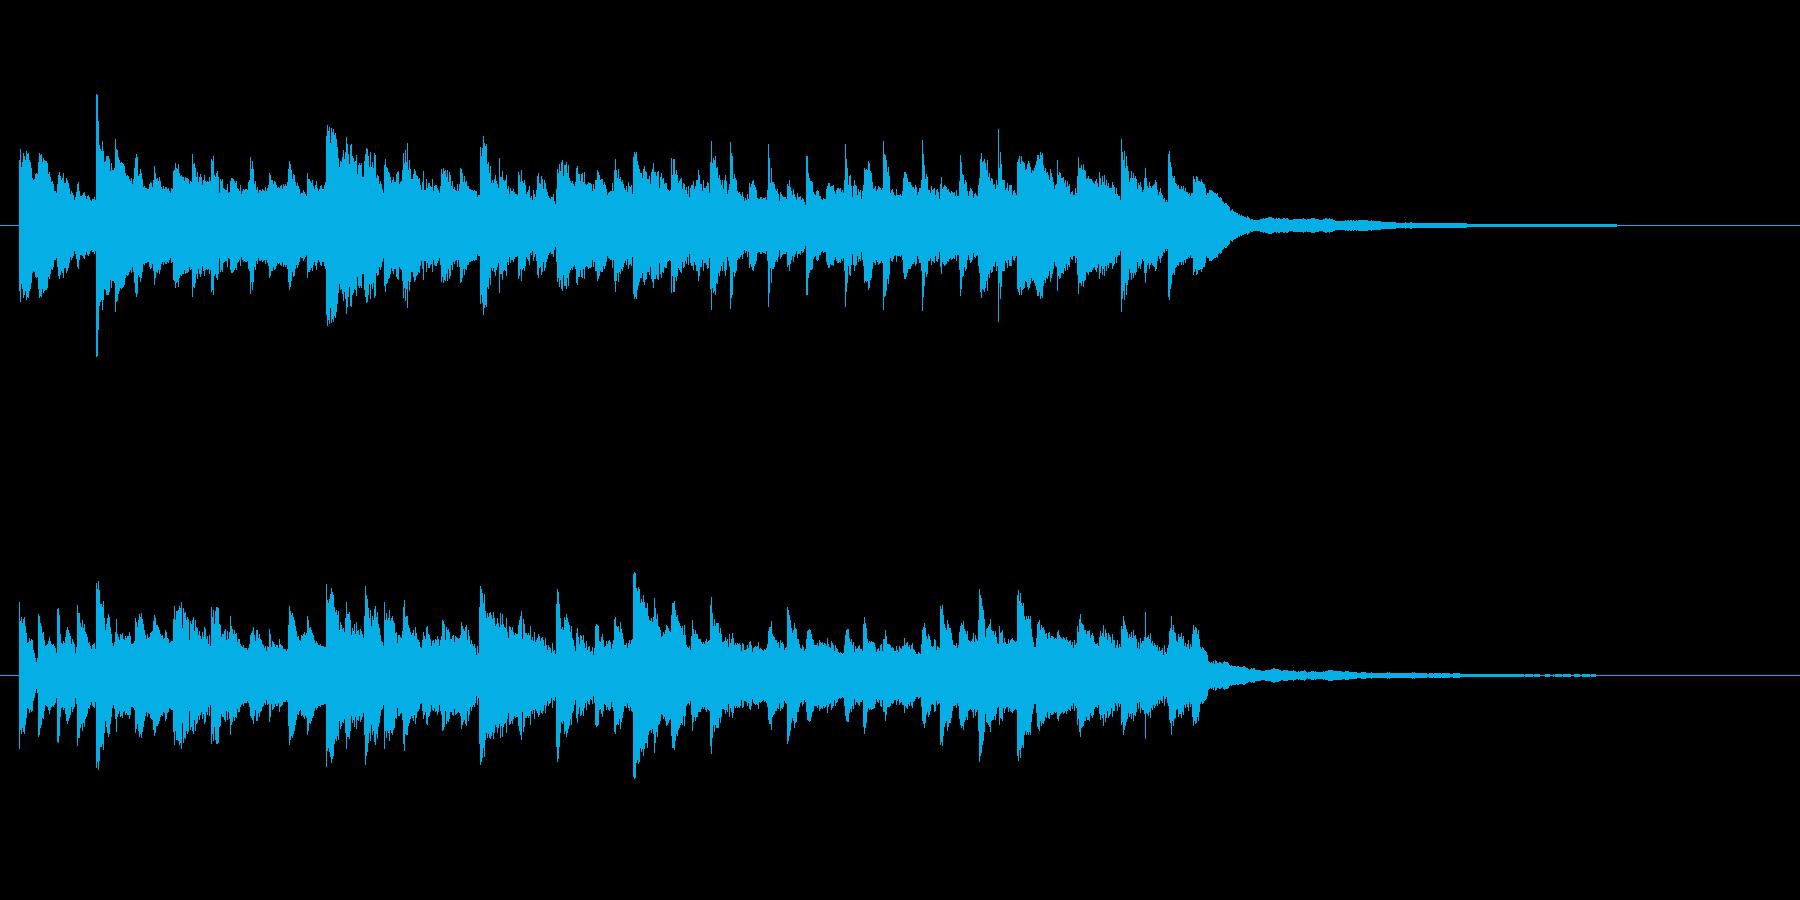 切ないピアノBGM30秒 回想 懐かしいの再生済みの波形